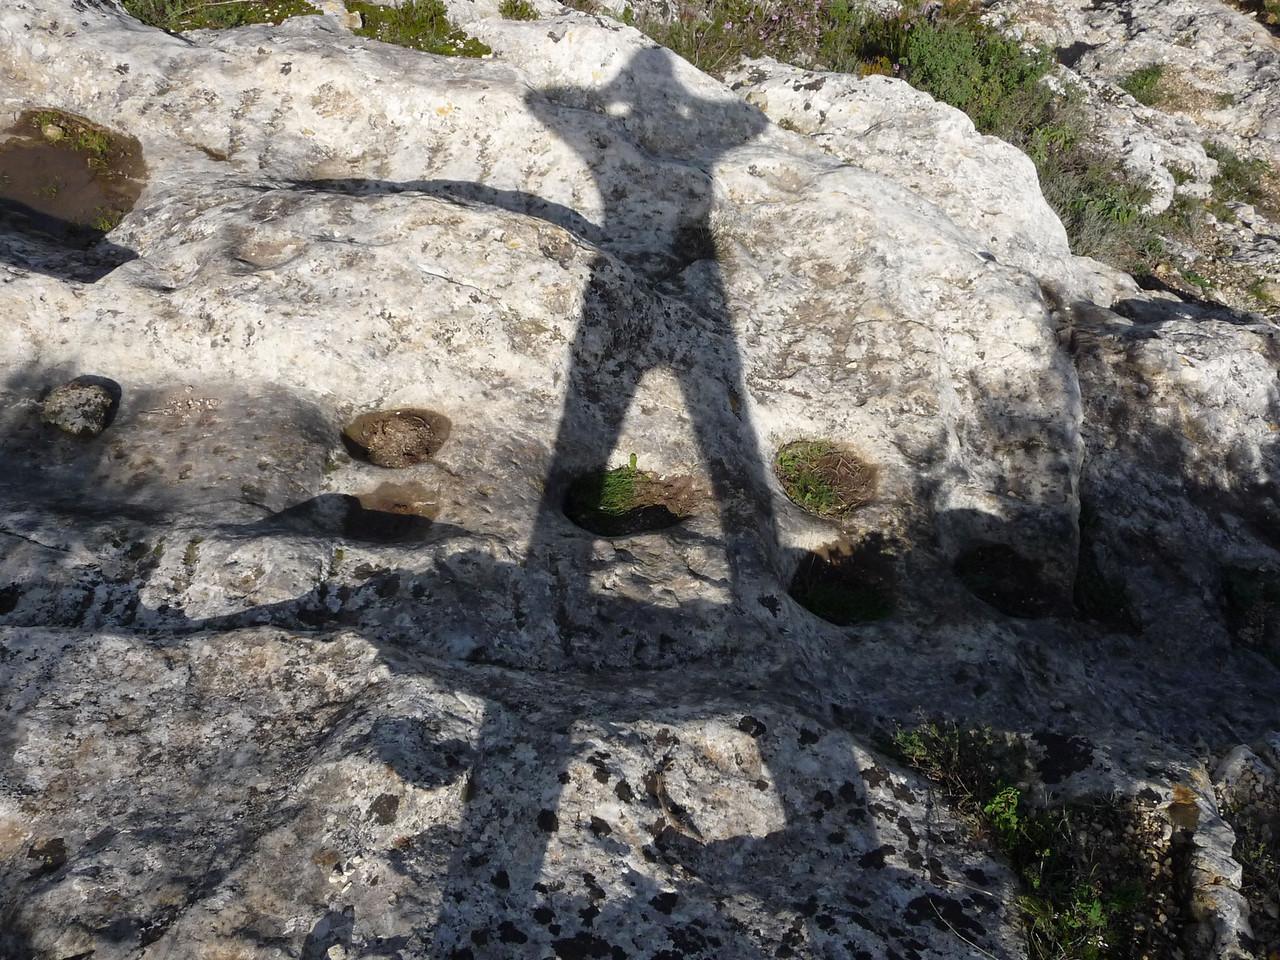 Siamo nulla Siamo ombre Ma quelle ombre sono il frutto di ogni reale resistenza alle avversità della vita. Noi si muore,morirà anche la nostra ombra.